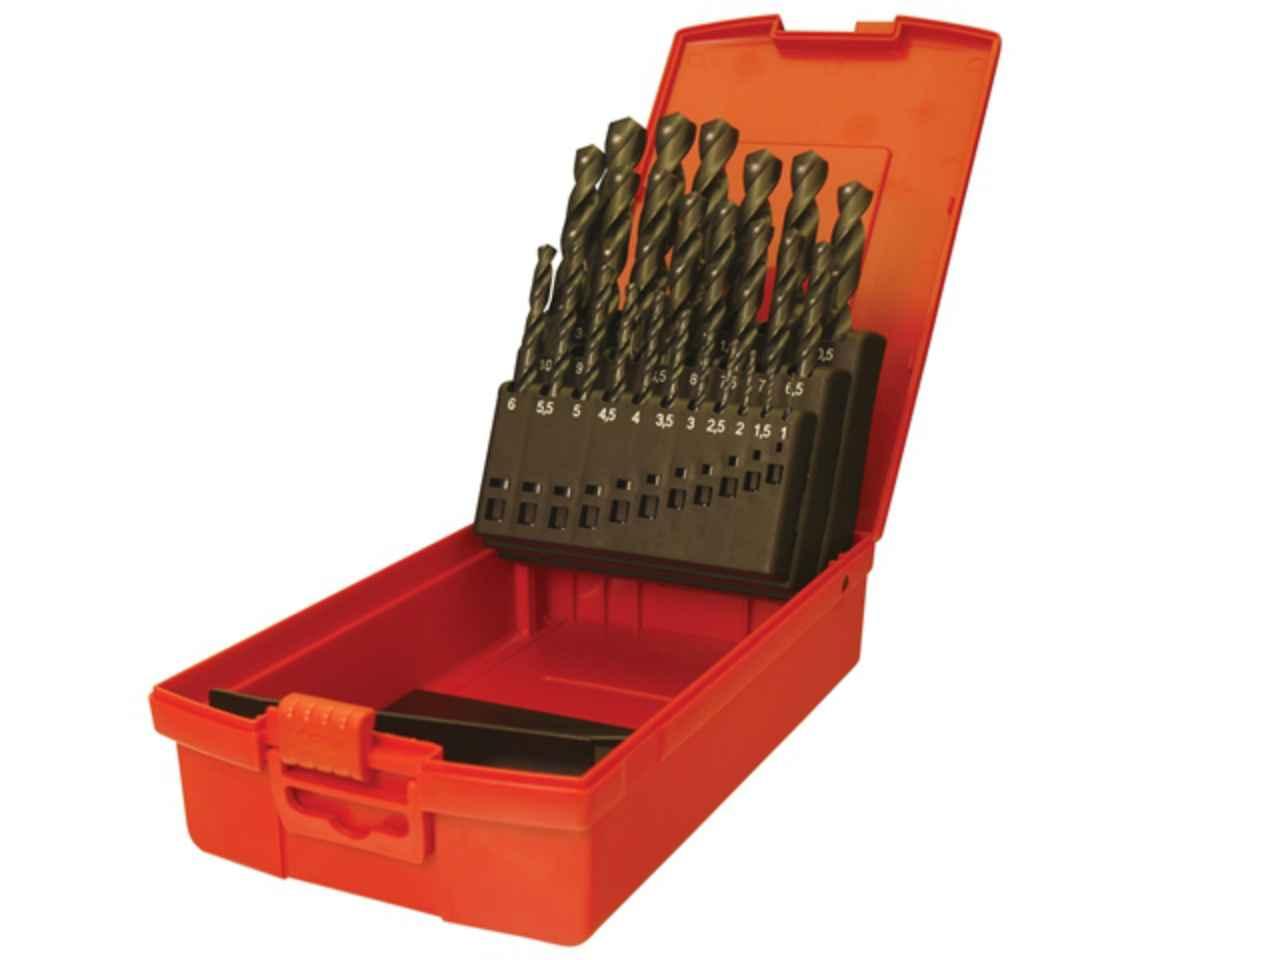 1.0 mm 13.0 mm x 0.5 mm Size Dormer A190204 Jobber Drill Set